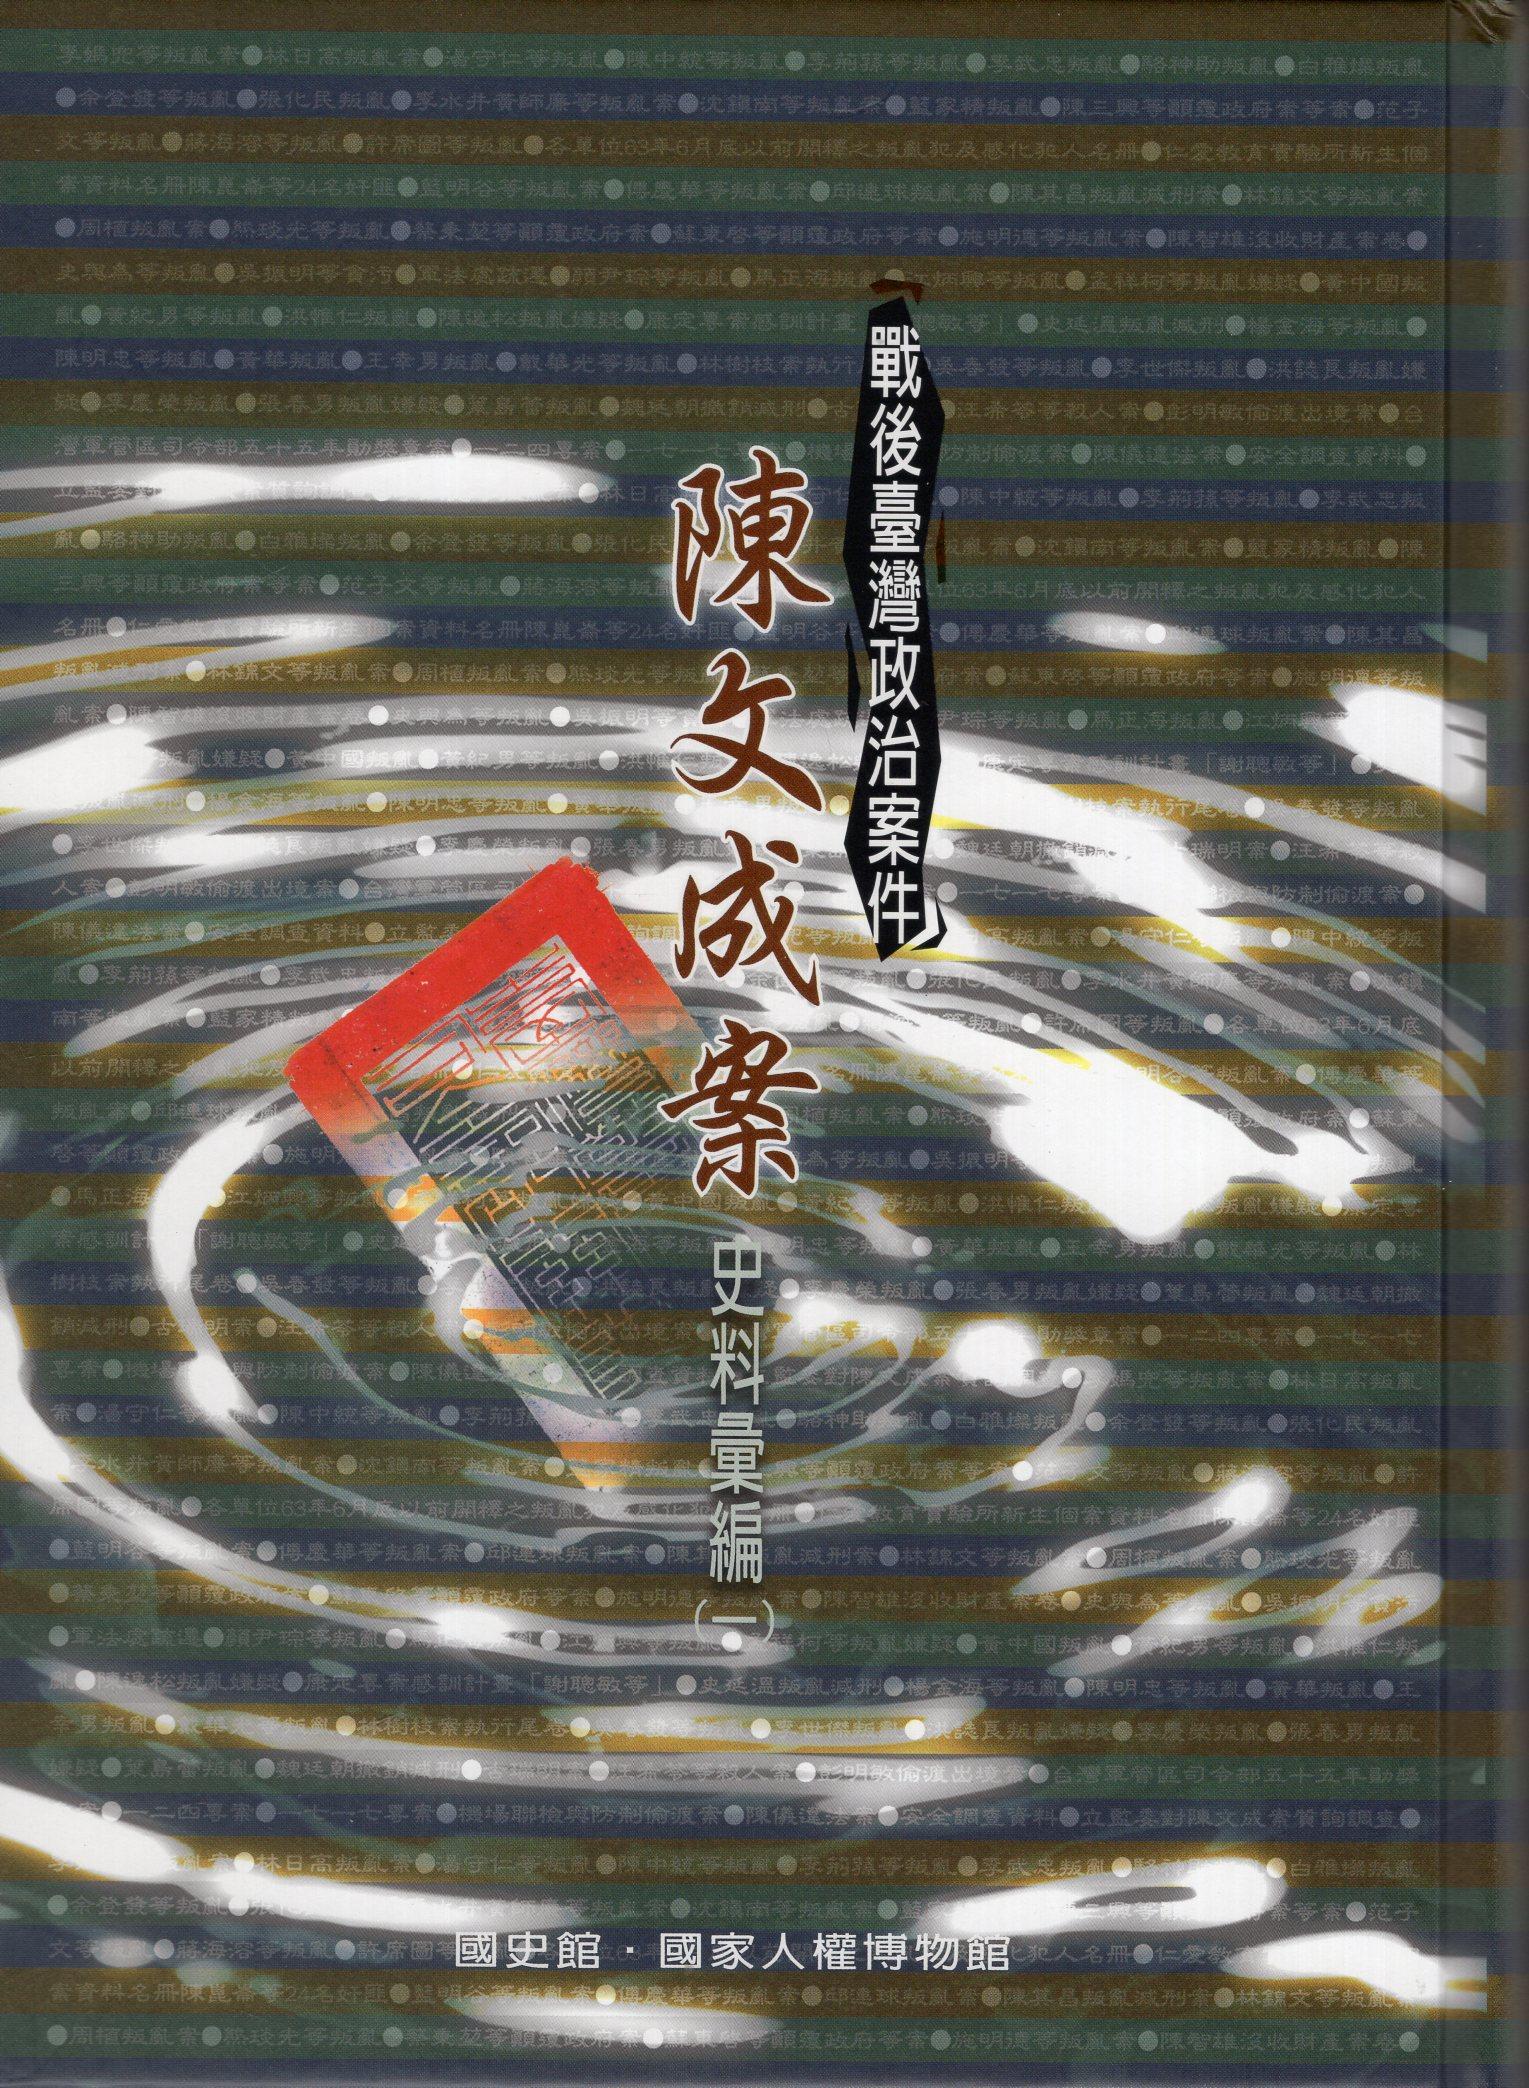 戰後臺灣政治案件─陳文成案史料彙編.jpg